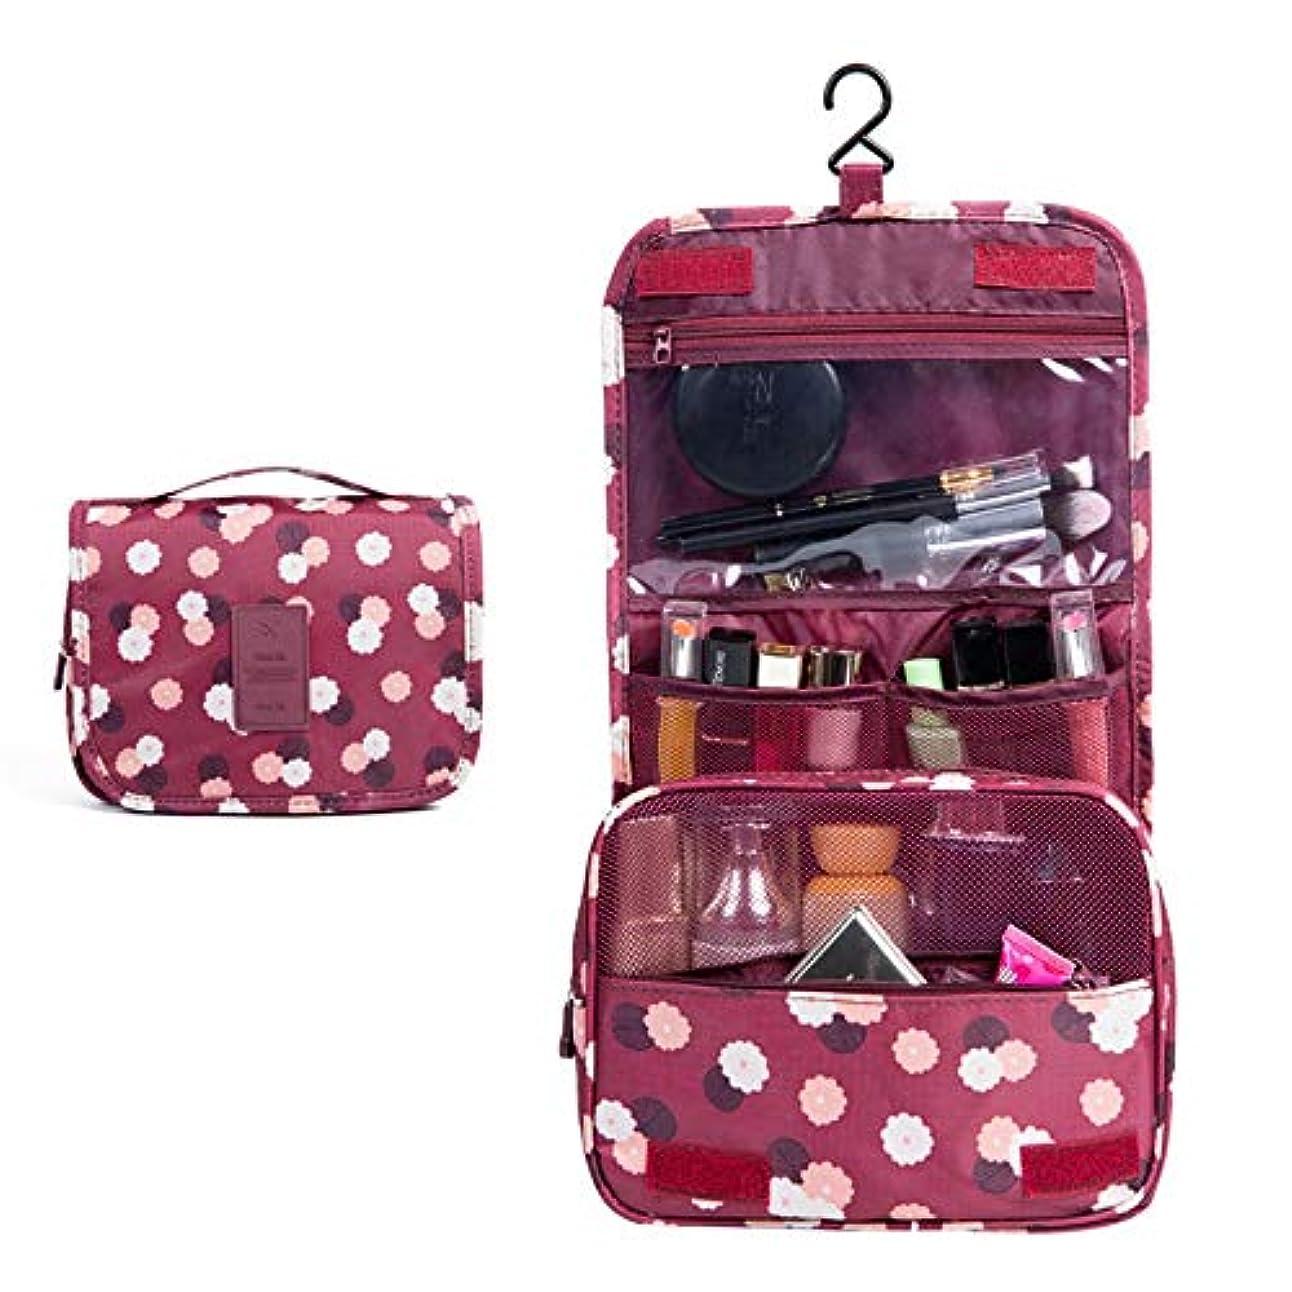 ただやけど決定する化粧オーガナイザーバッグ ポータブル旅行折りたたみフックオーガナイザーバッグトイレタリーバッグを作る化粧品バッグブルーフラワー 化粧品ケース (色 : 赤)